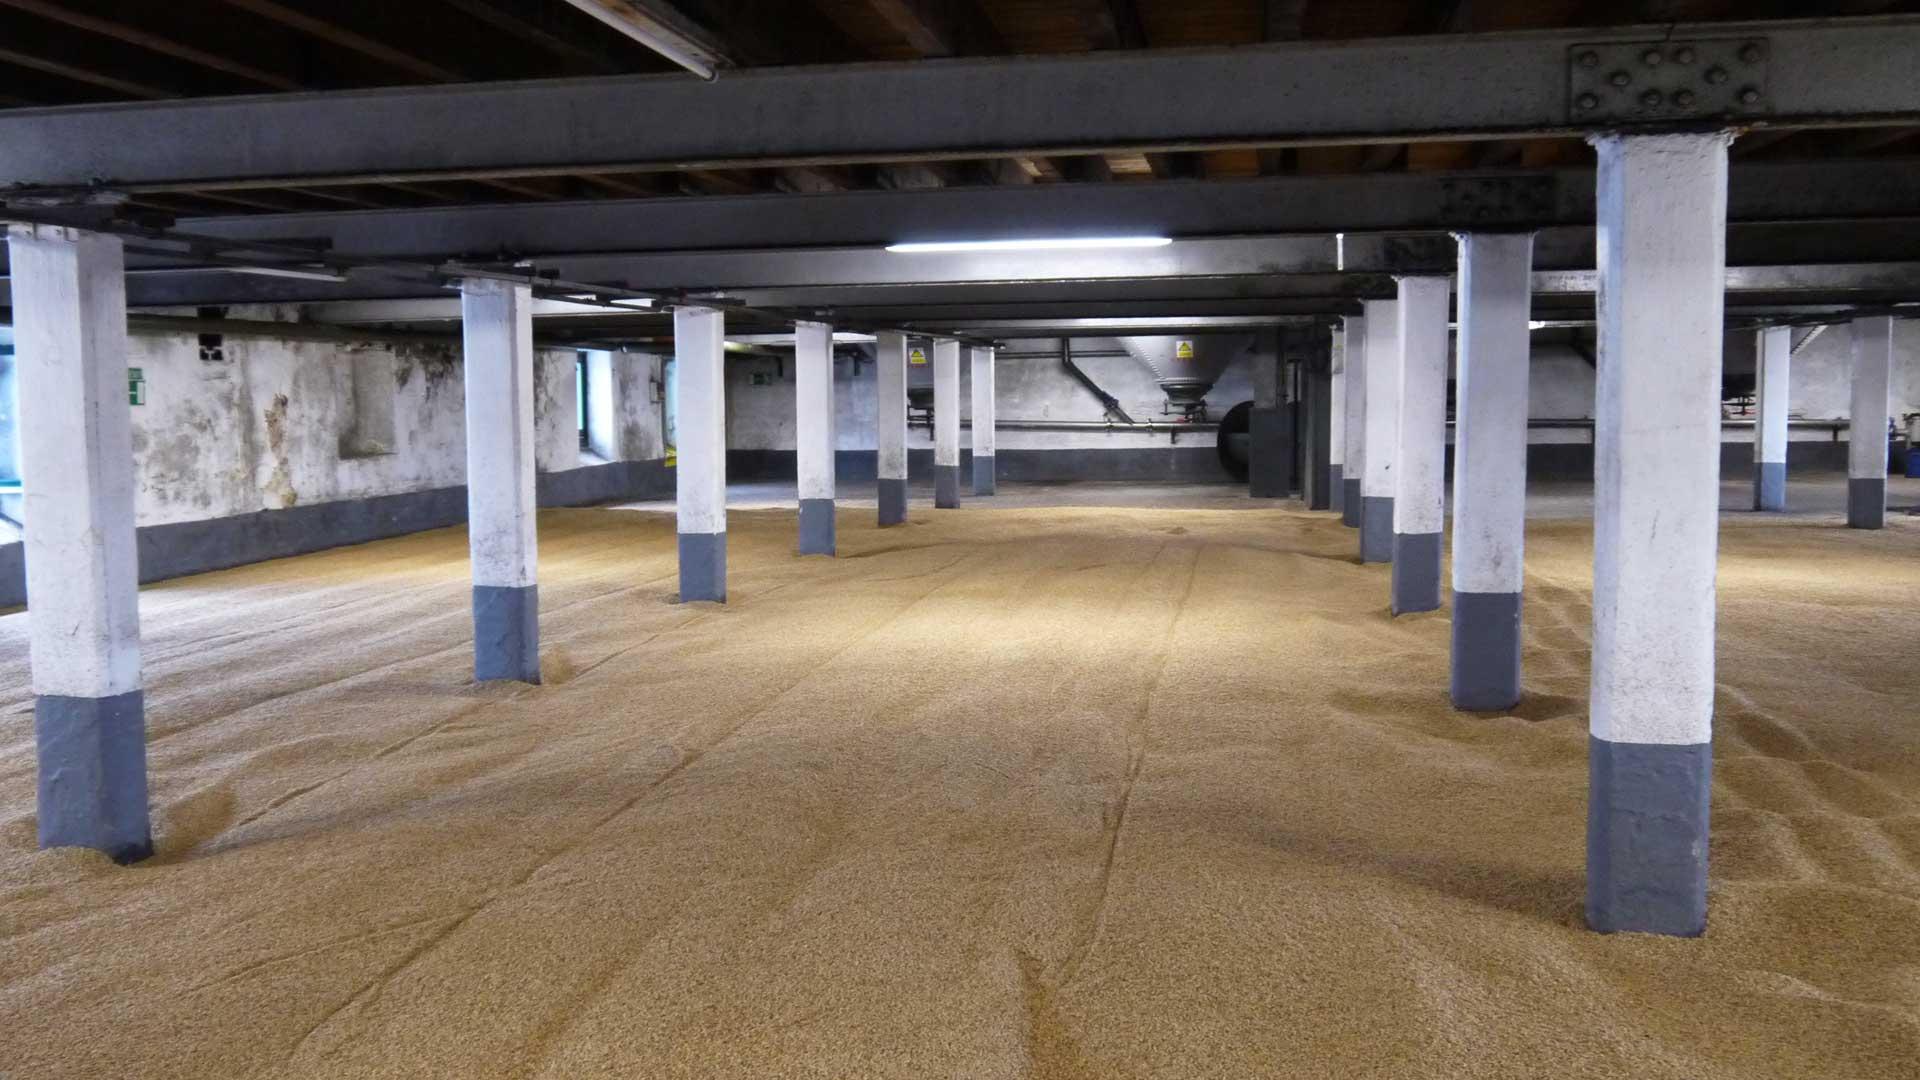 Le charme d'un entrepôt: les sols en malt - ici à Laphroaig - sont pour la plupart plutôt fonctionnels (Photo: Malt Whisky)